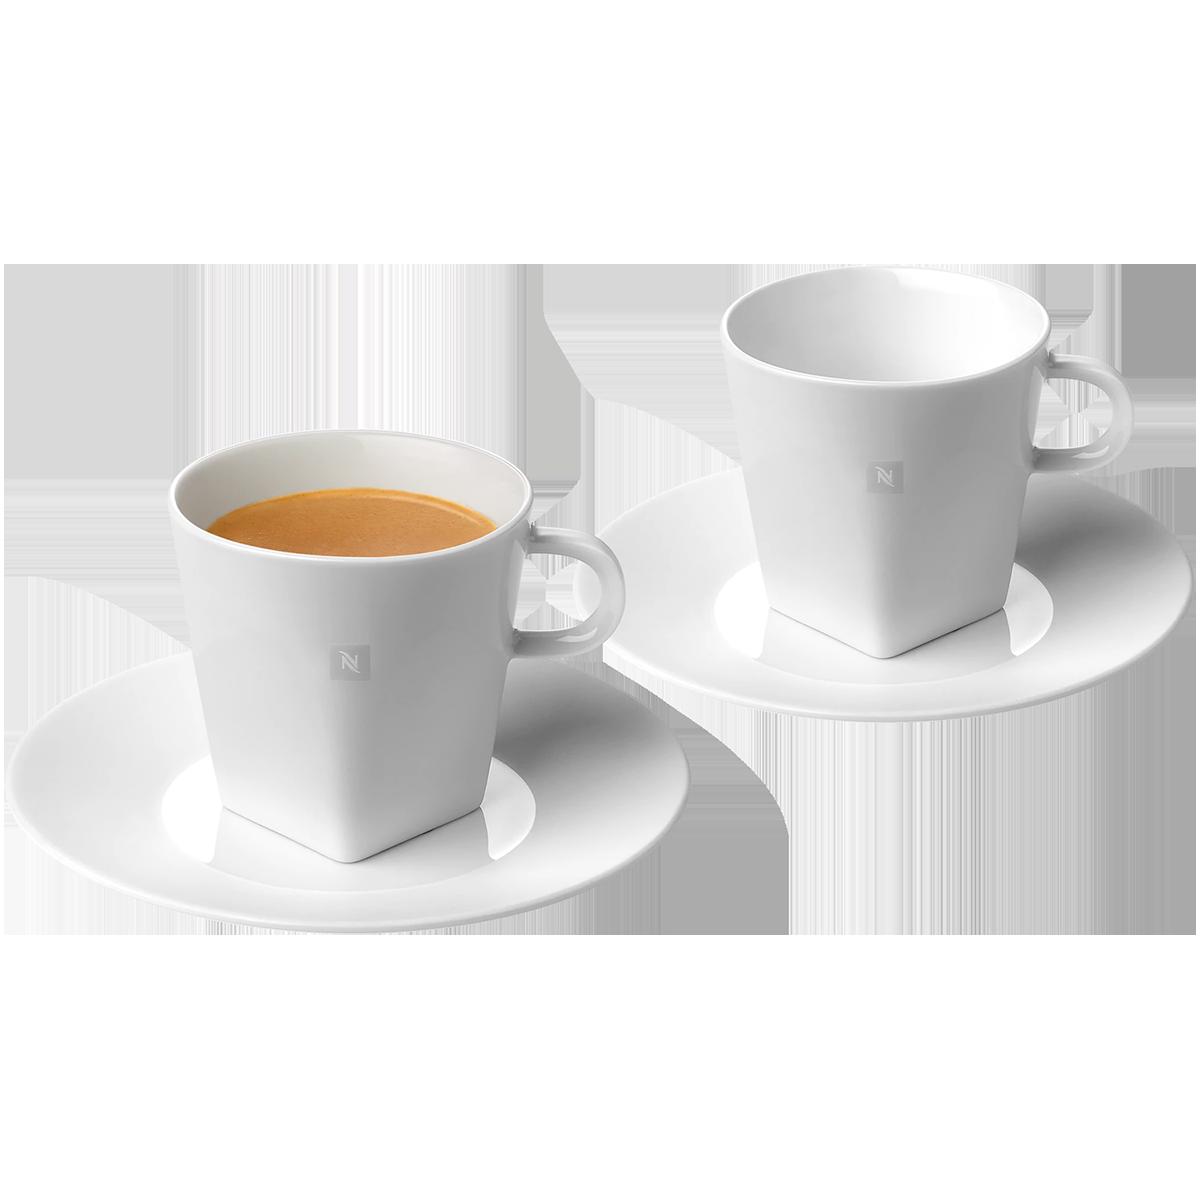 Pure Espresso cups & 2 saucers